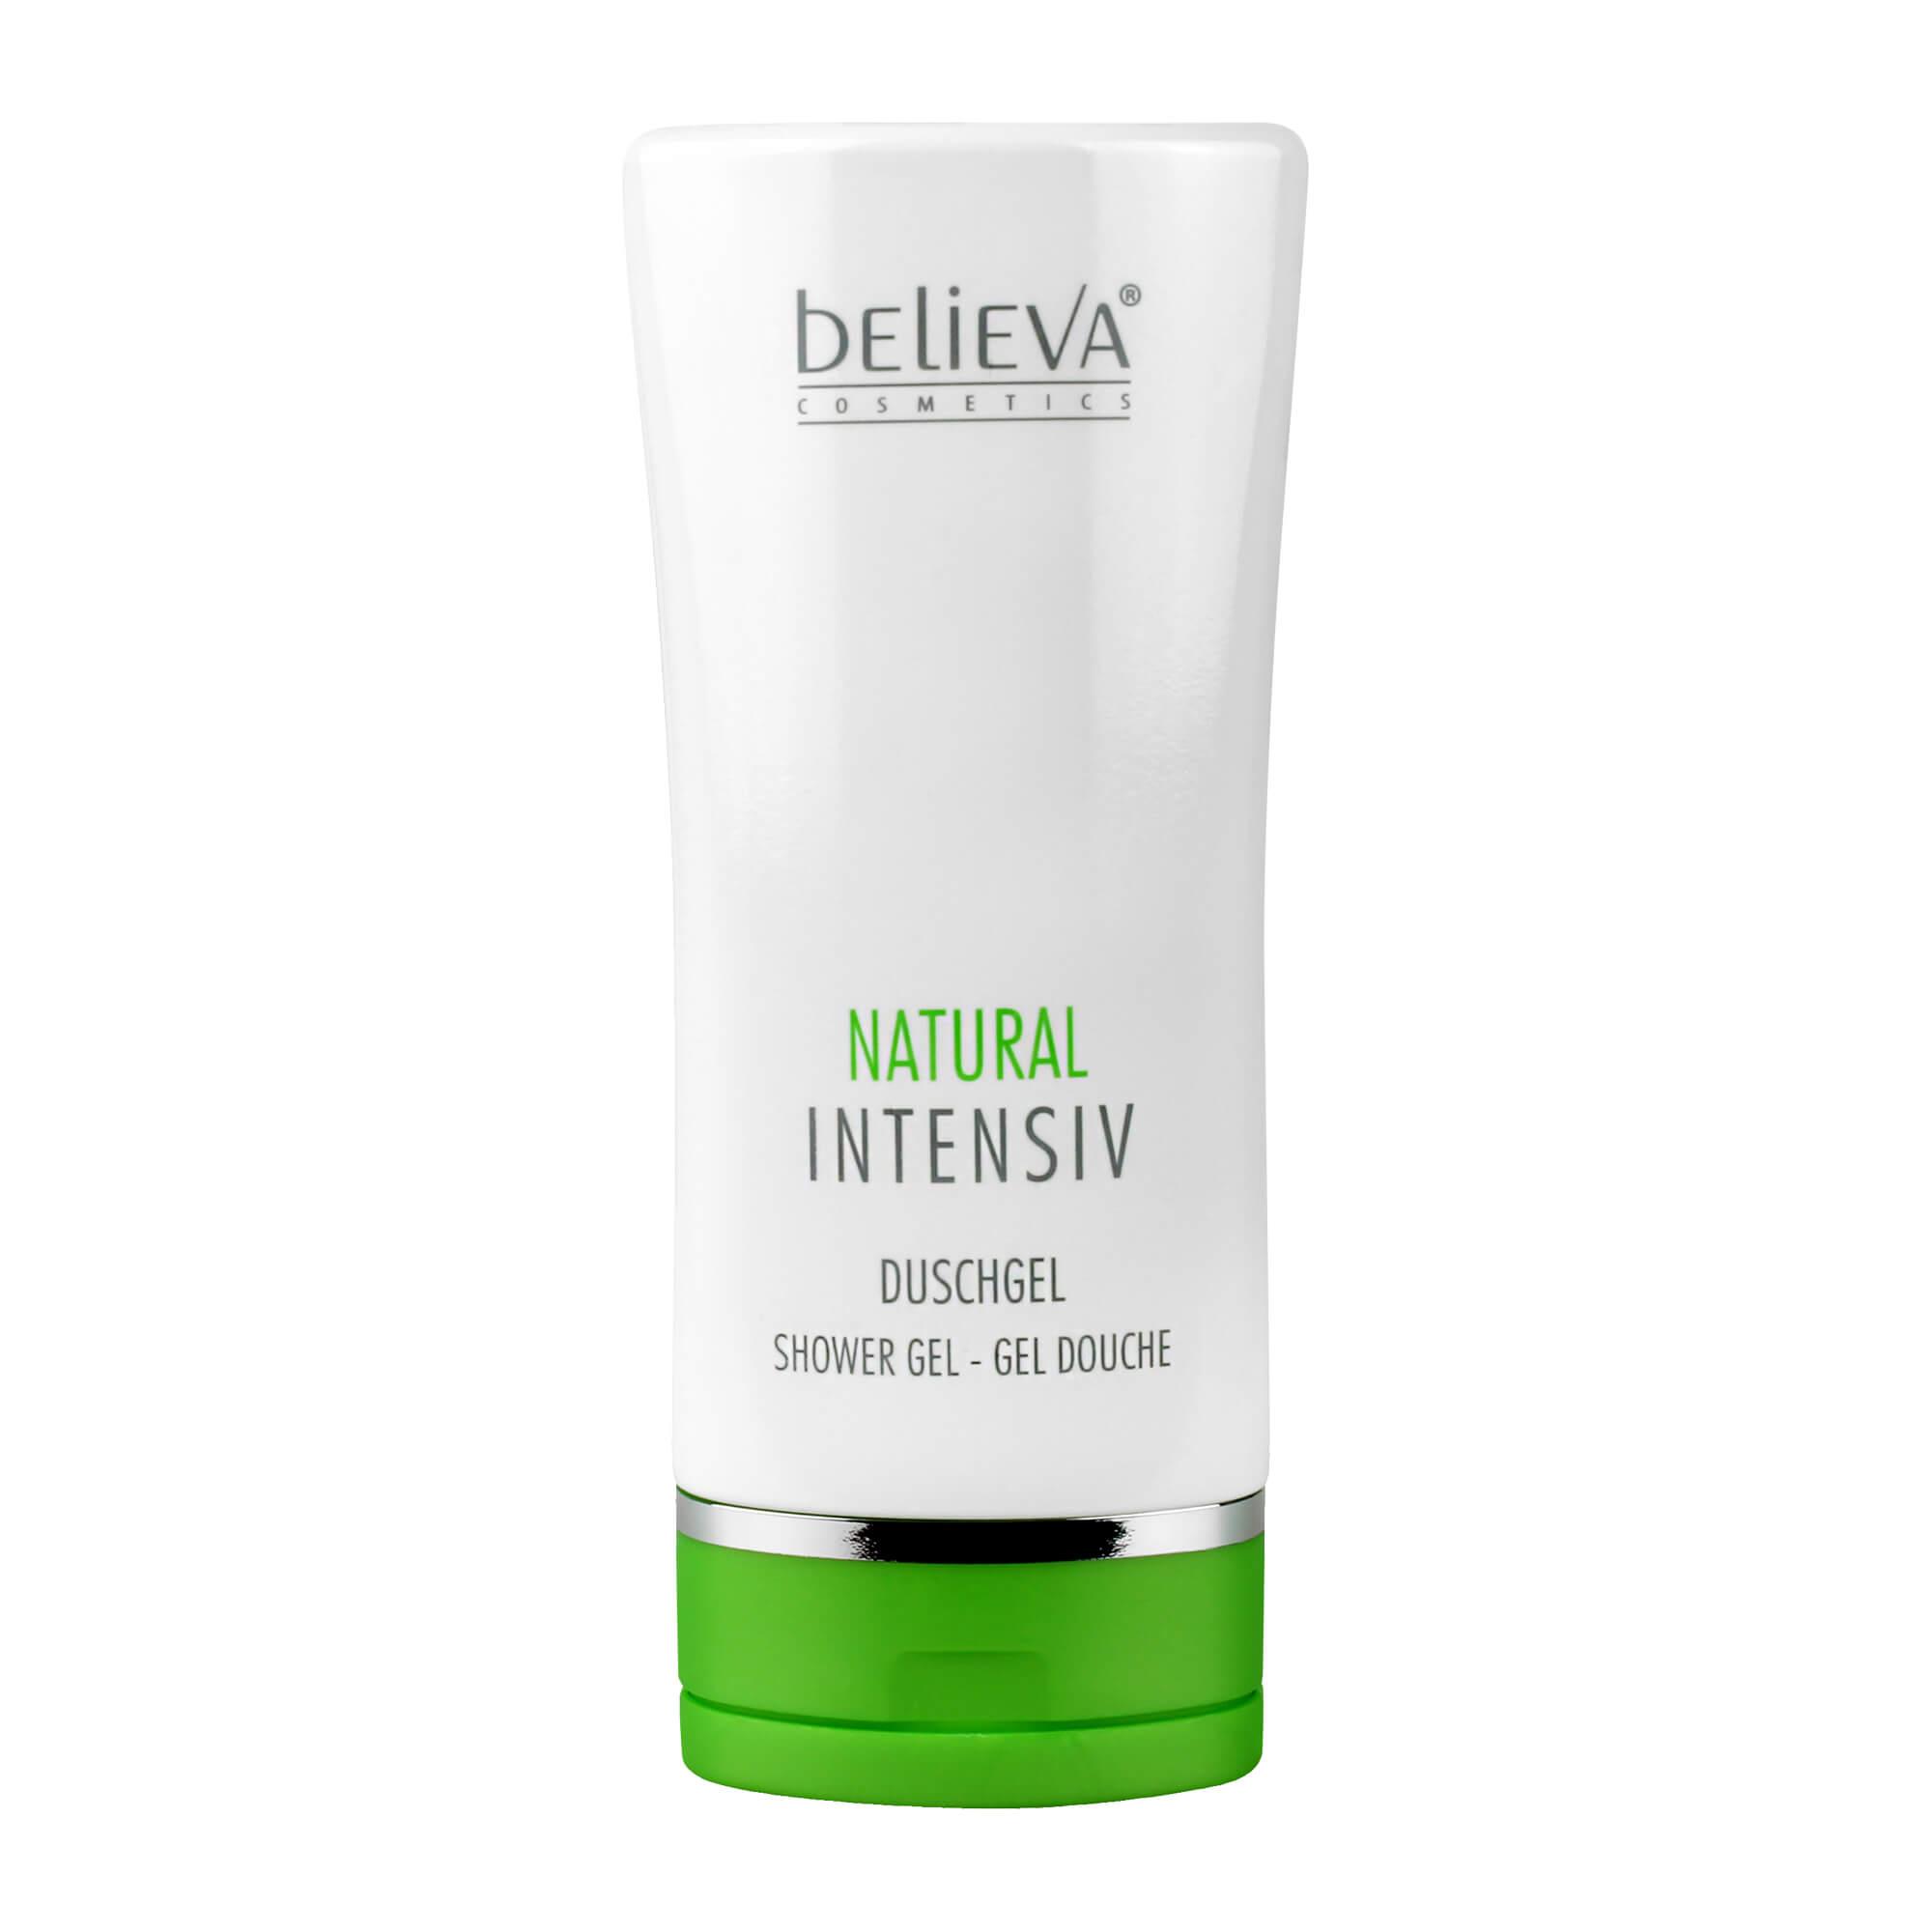 Believa Natural Intensiv Duschgel